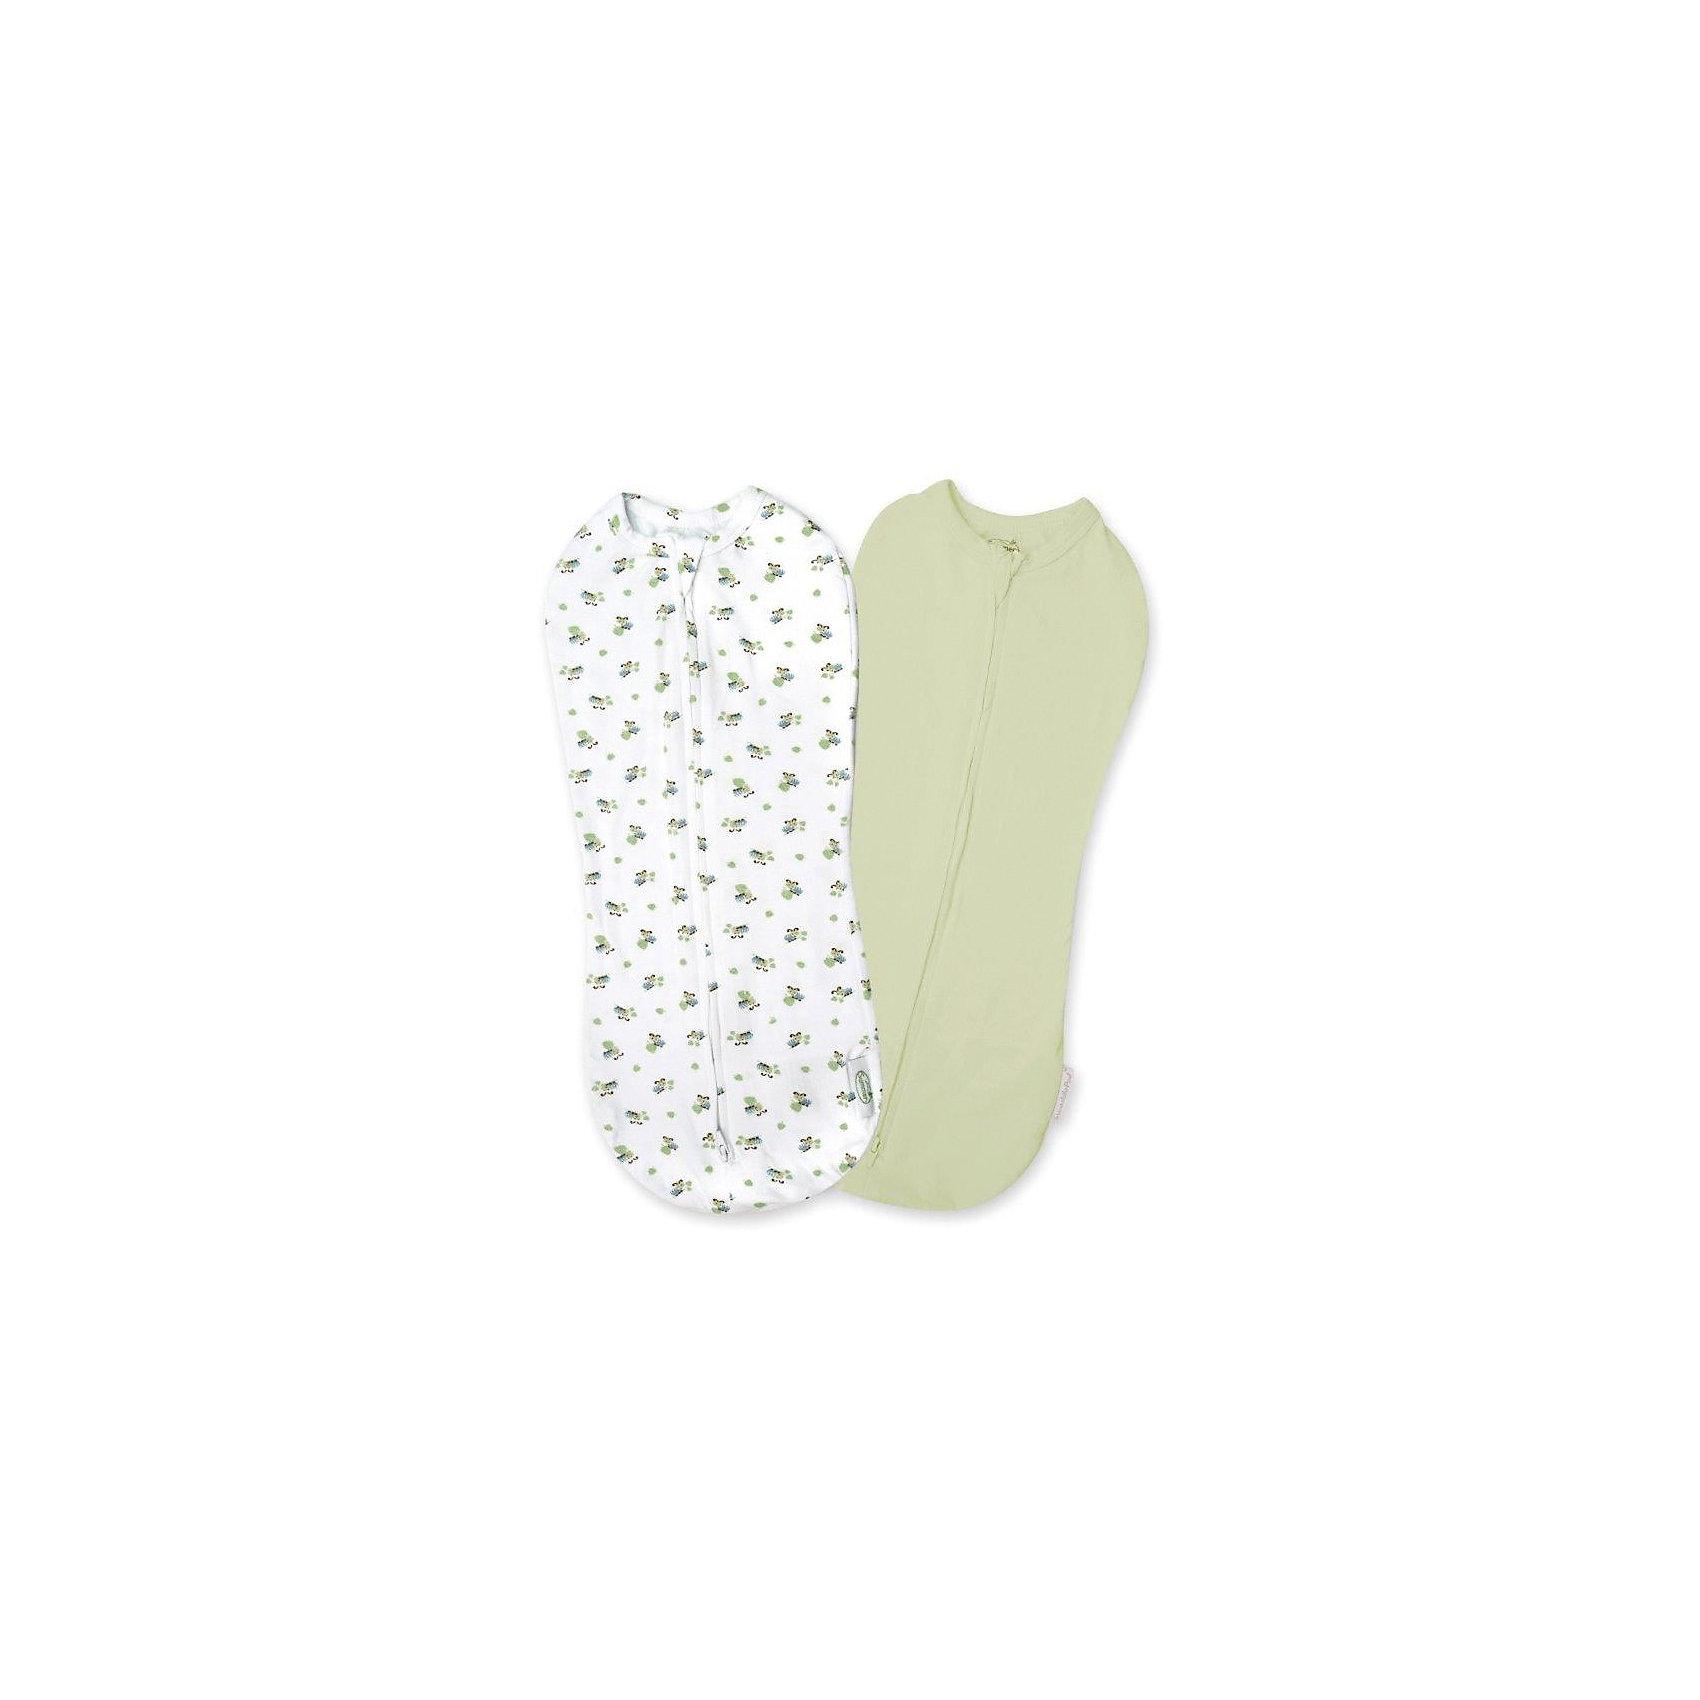 Конверт для пеленания на молнии, SWADDLEPOD, р-р S, 2 шт., 2-4,5 кг., белый/зеленый